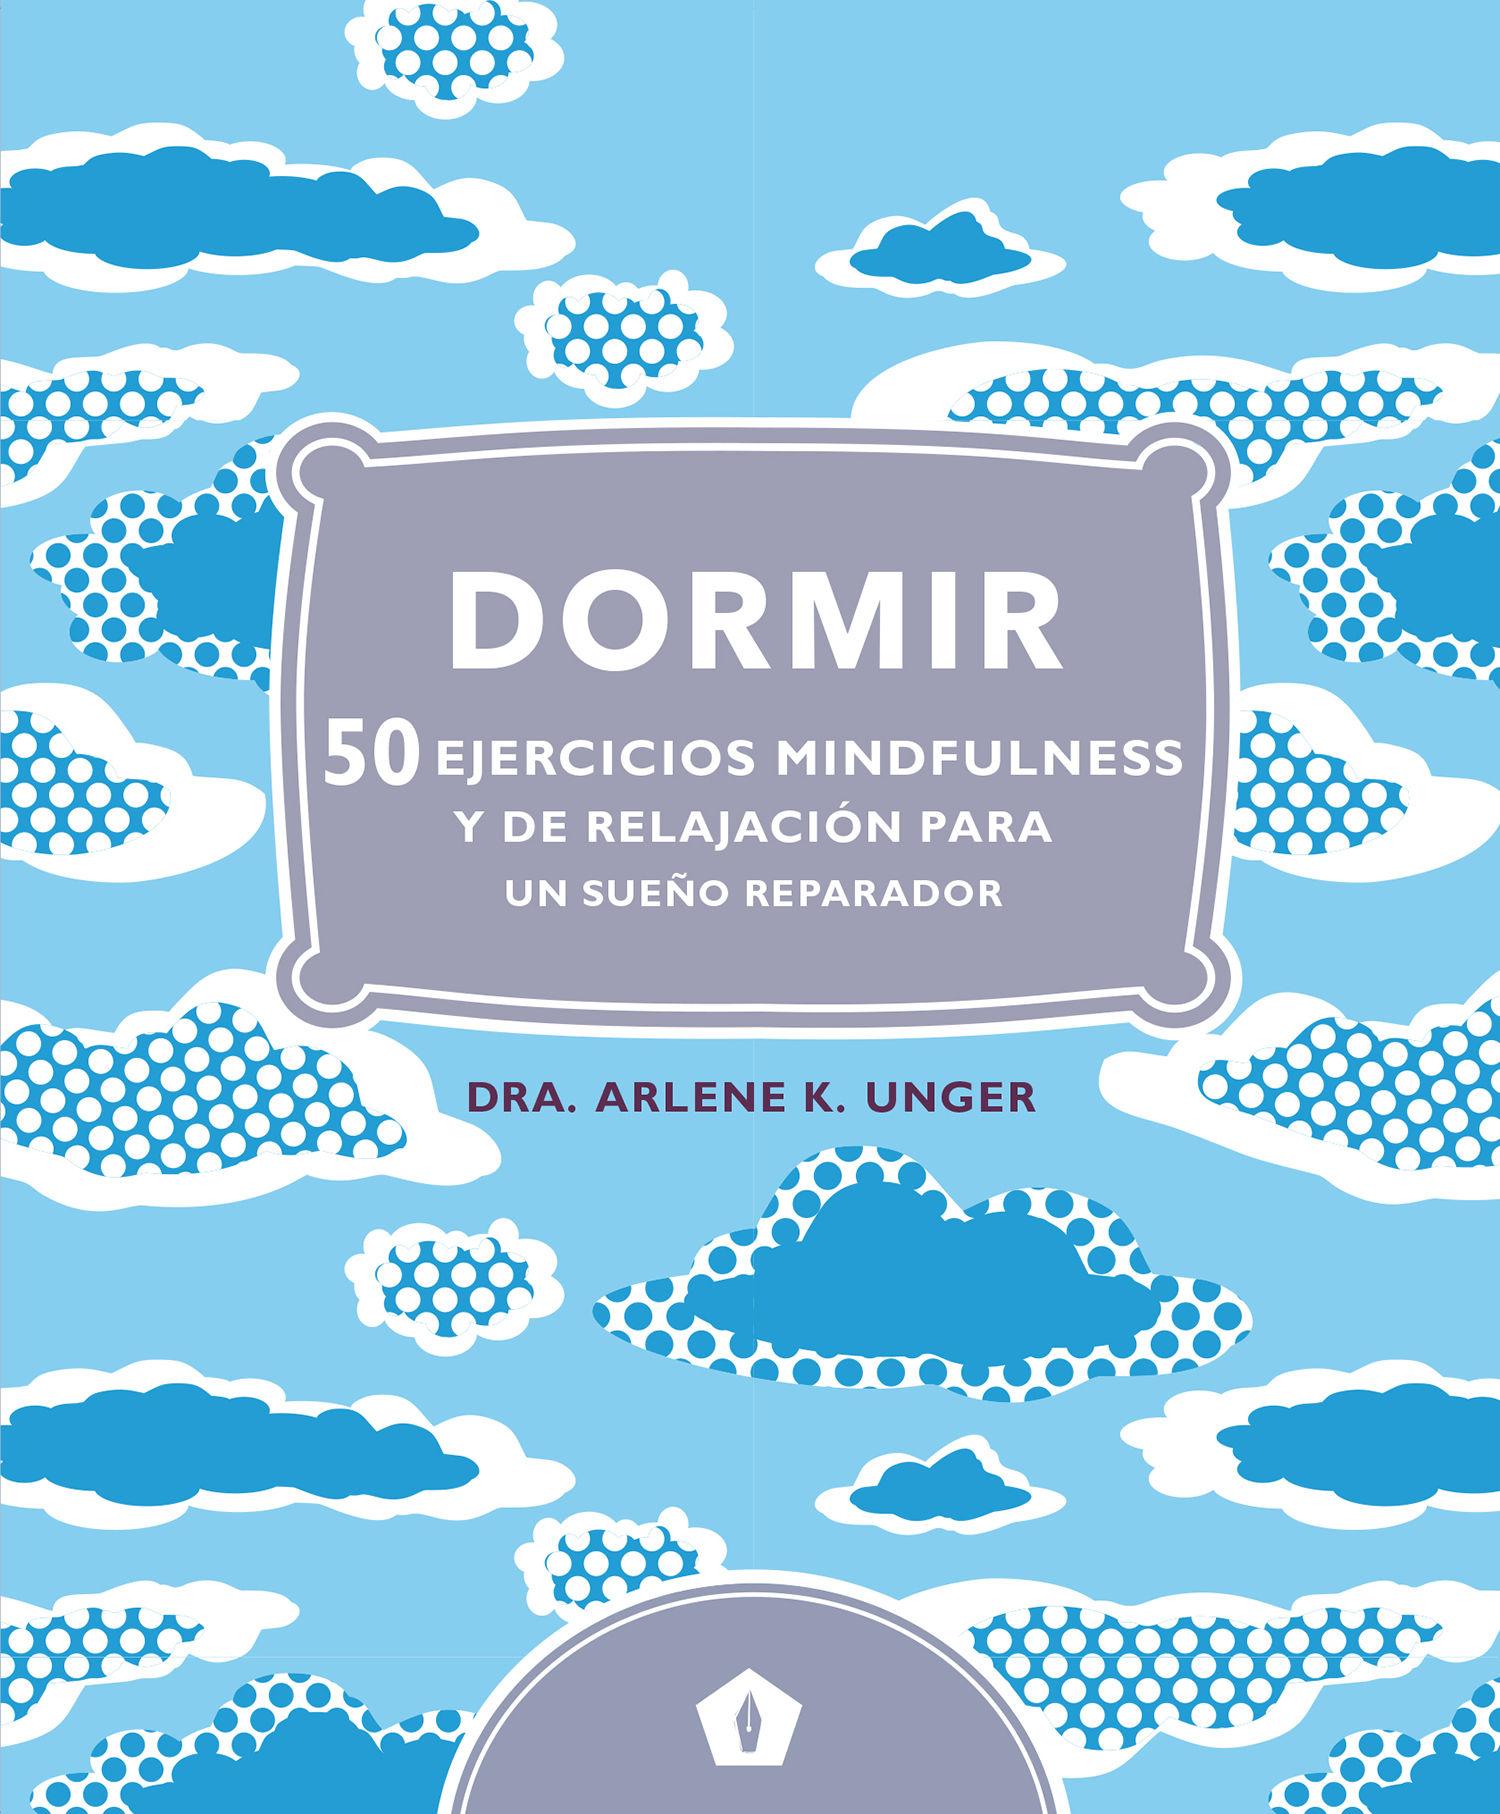 DORMIR 50 EJERCICIOS MINDFULNESS Y DE RELAJACION PARA UN SUEÑO REPARADOR